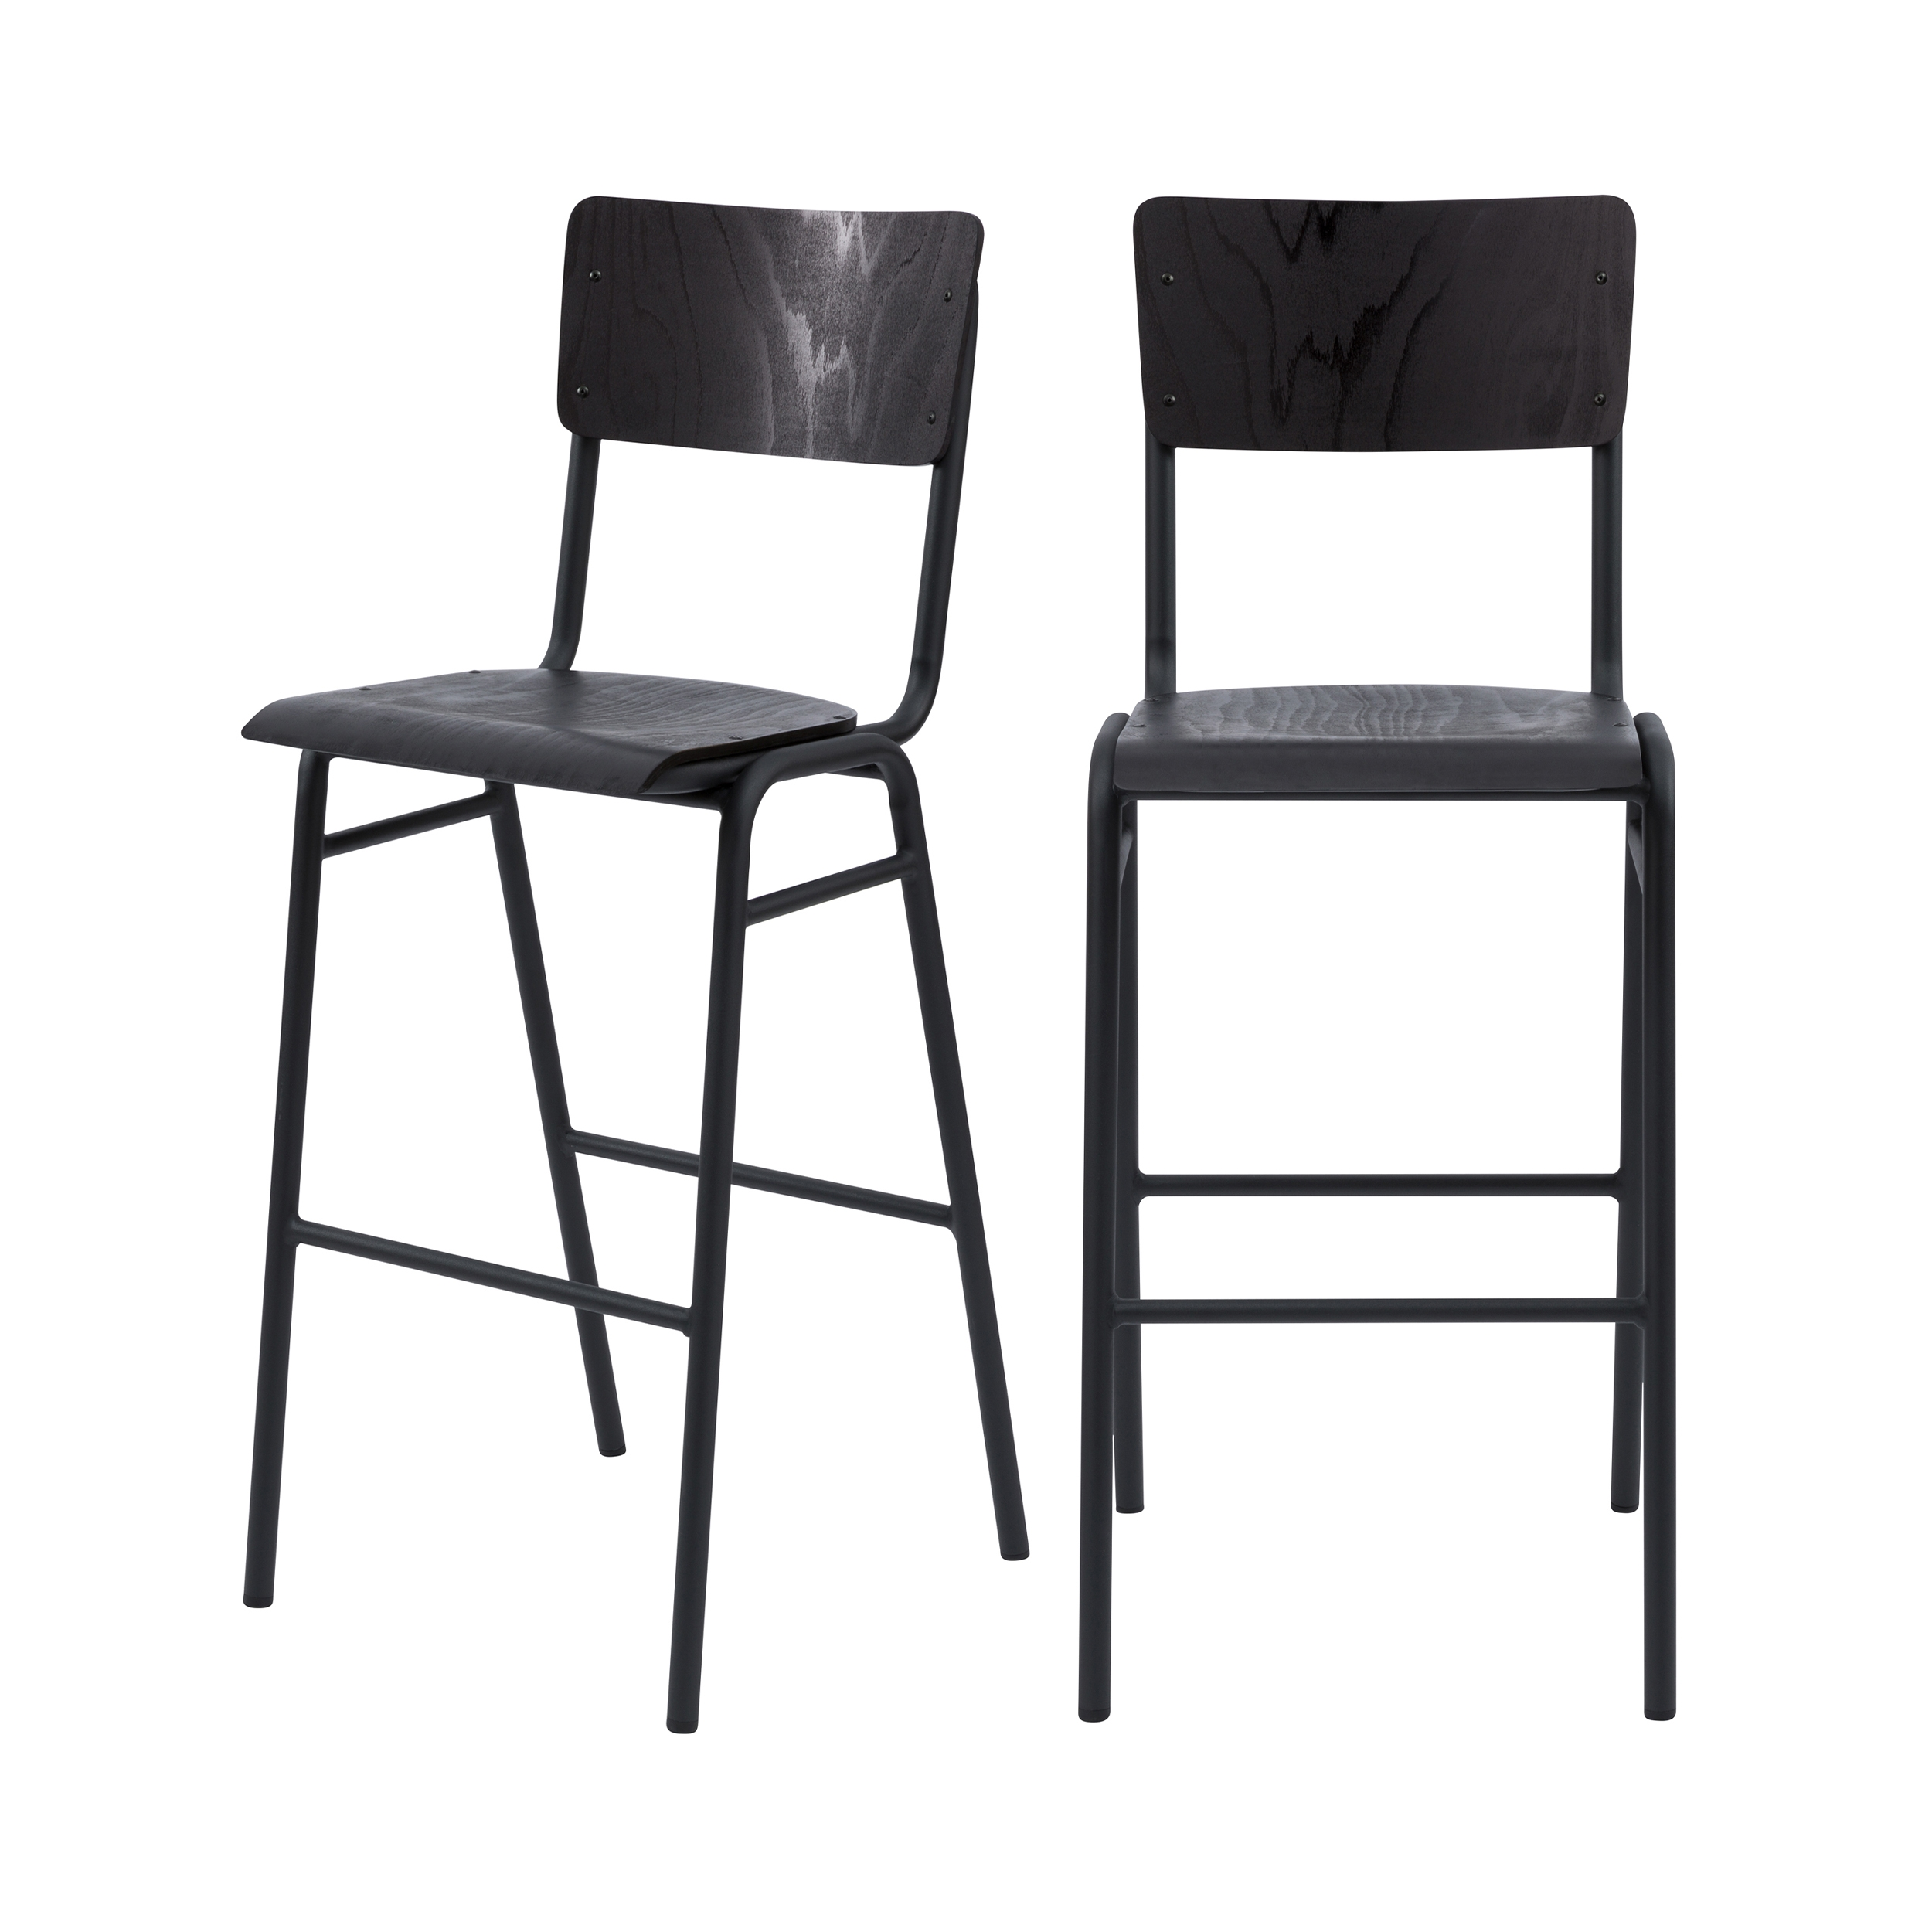 Chaise de bar 75 cm en bois noir (lot de 2)